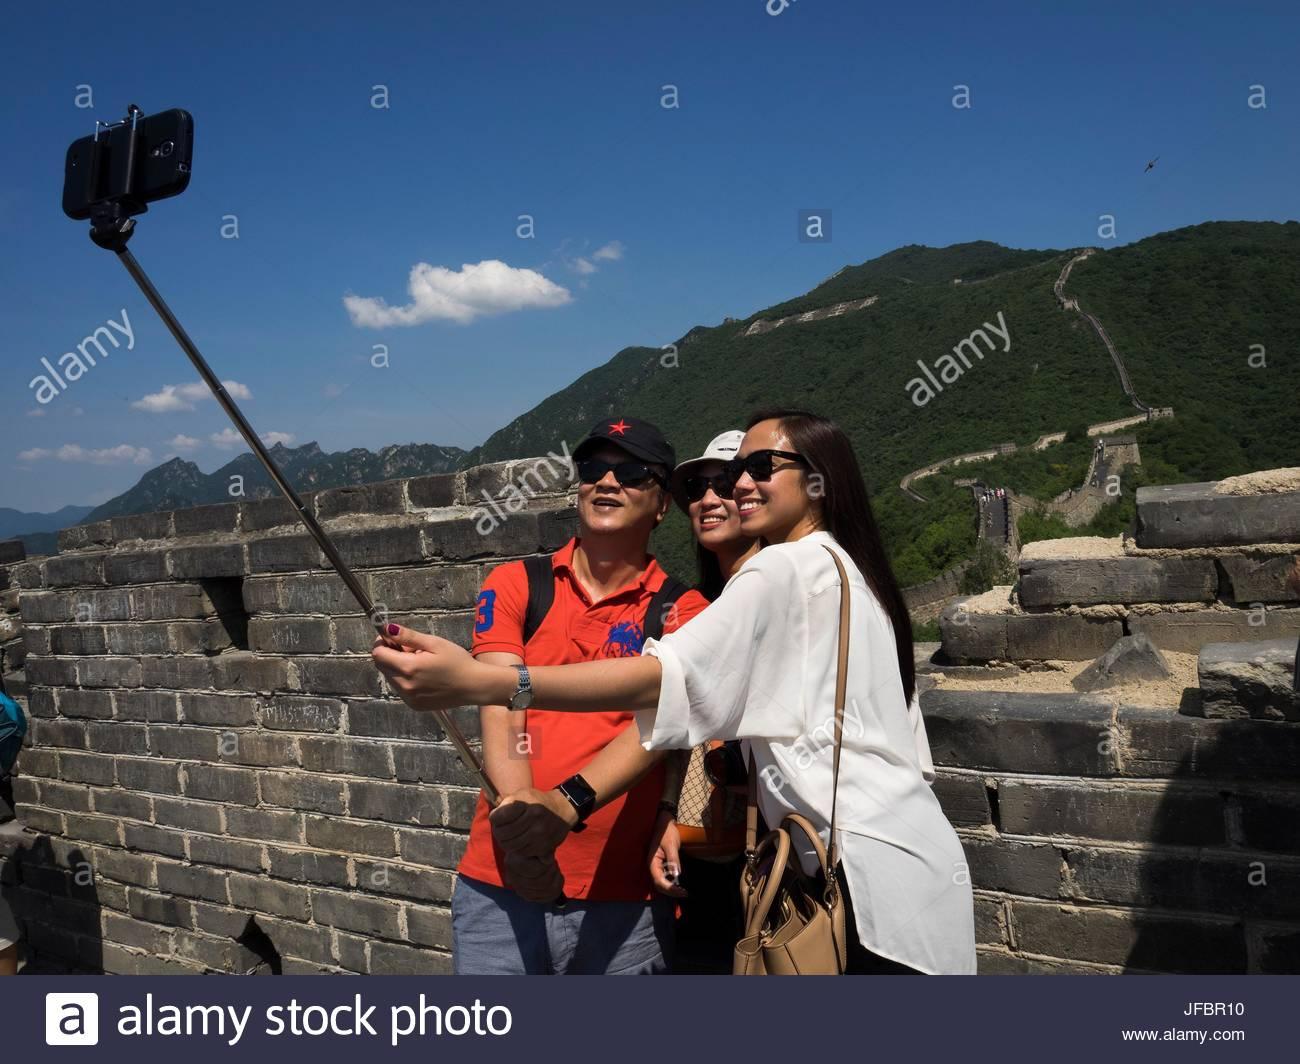 Jugendliche schießen ein Selbstporträt auf der chinesischen Mauer mit einem Handy. Stockbild